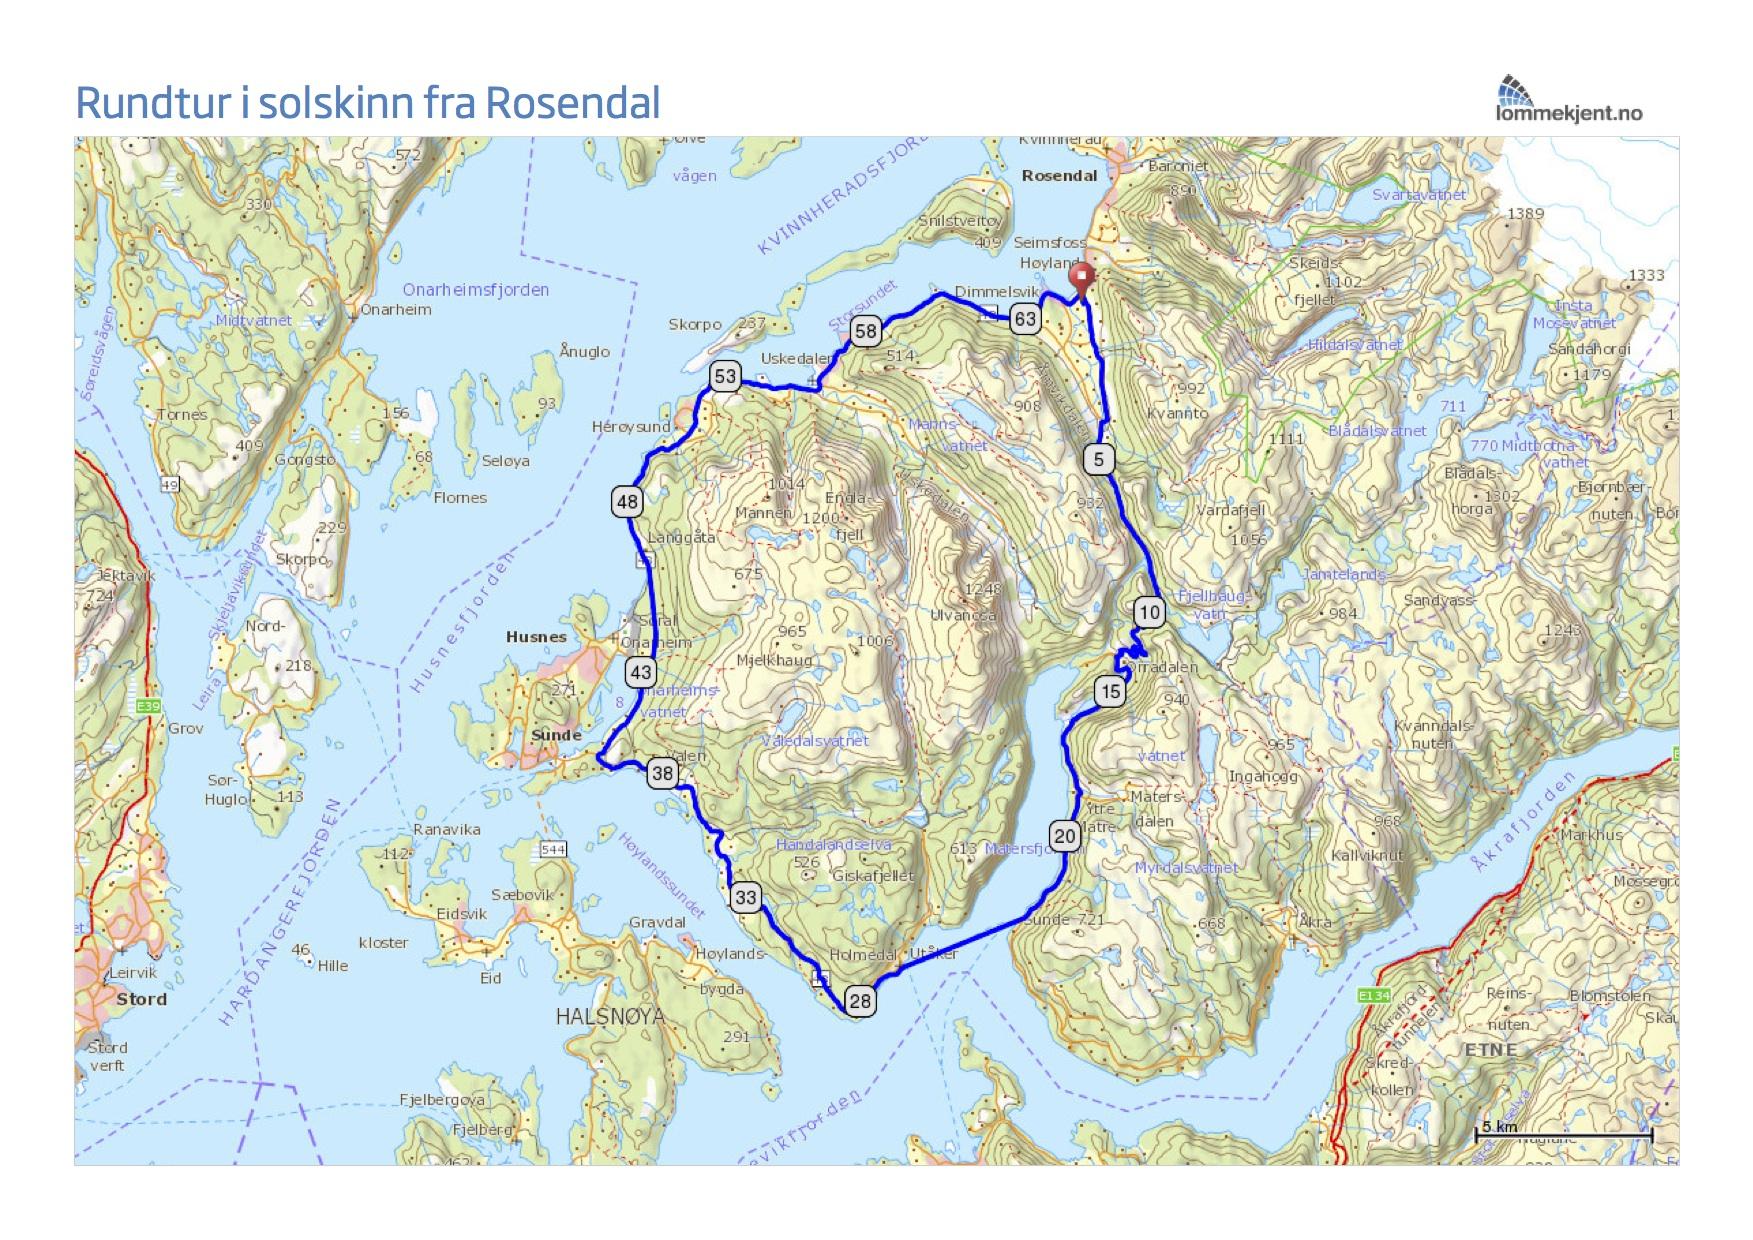 rosendal kart Rundtur i solskinn fra Rosendal. rosendal kart